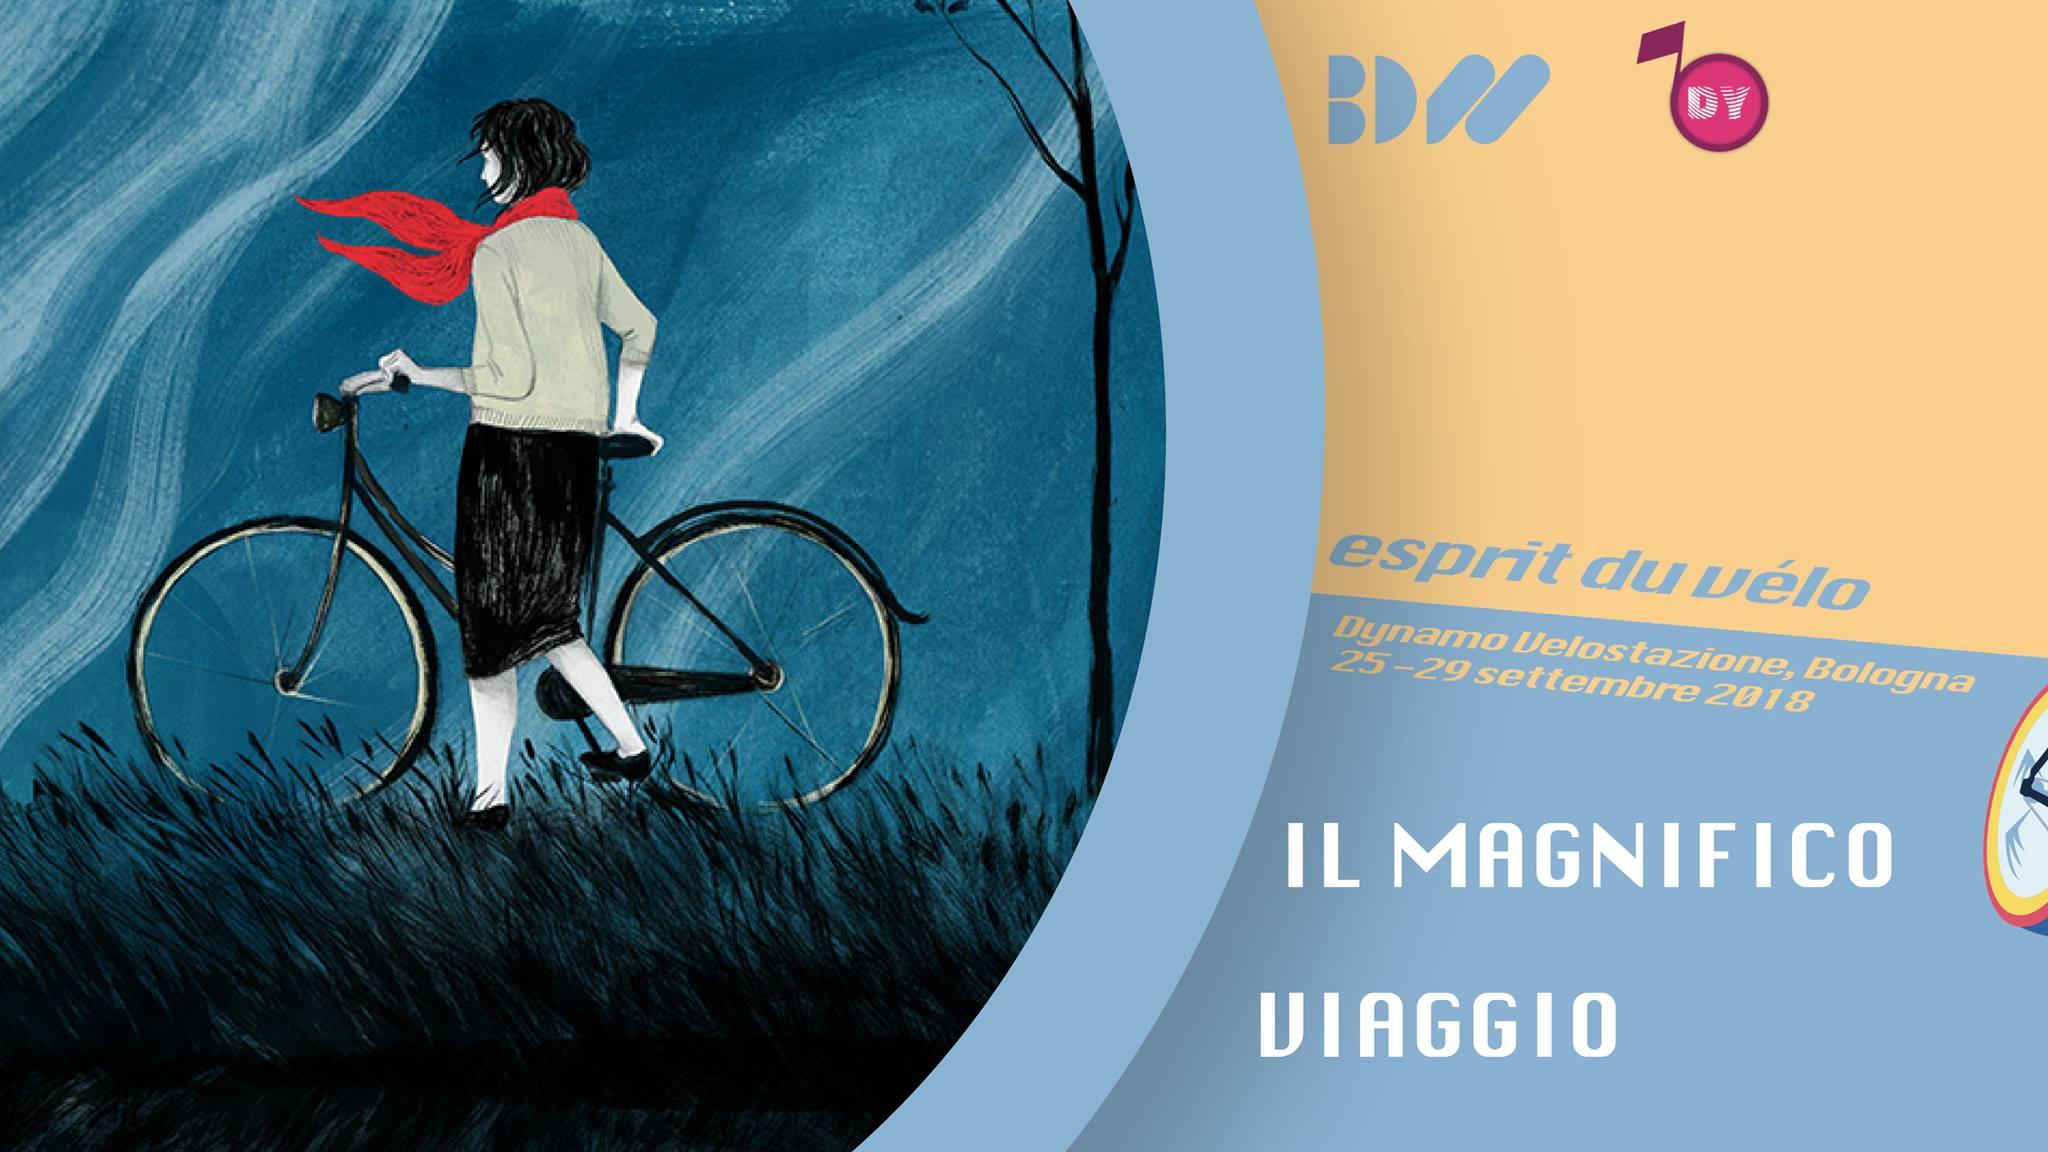 IL_MAGNIFICO_VIAGGIO_BOLOGNAjpg